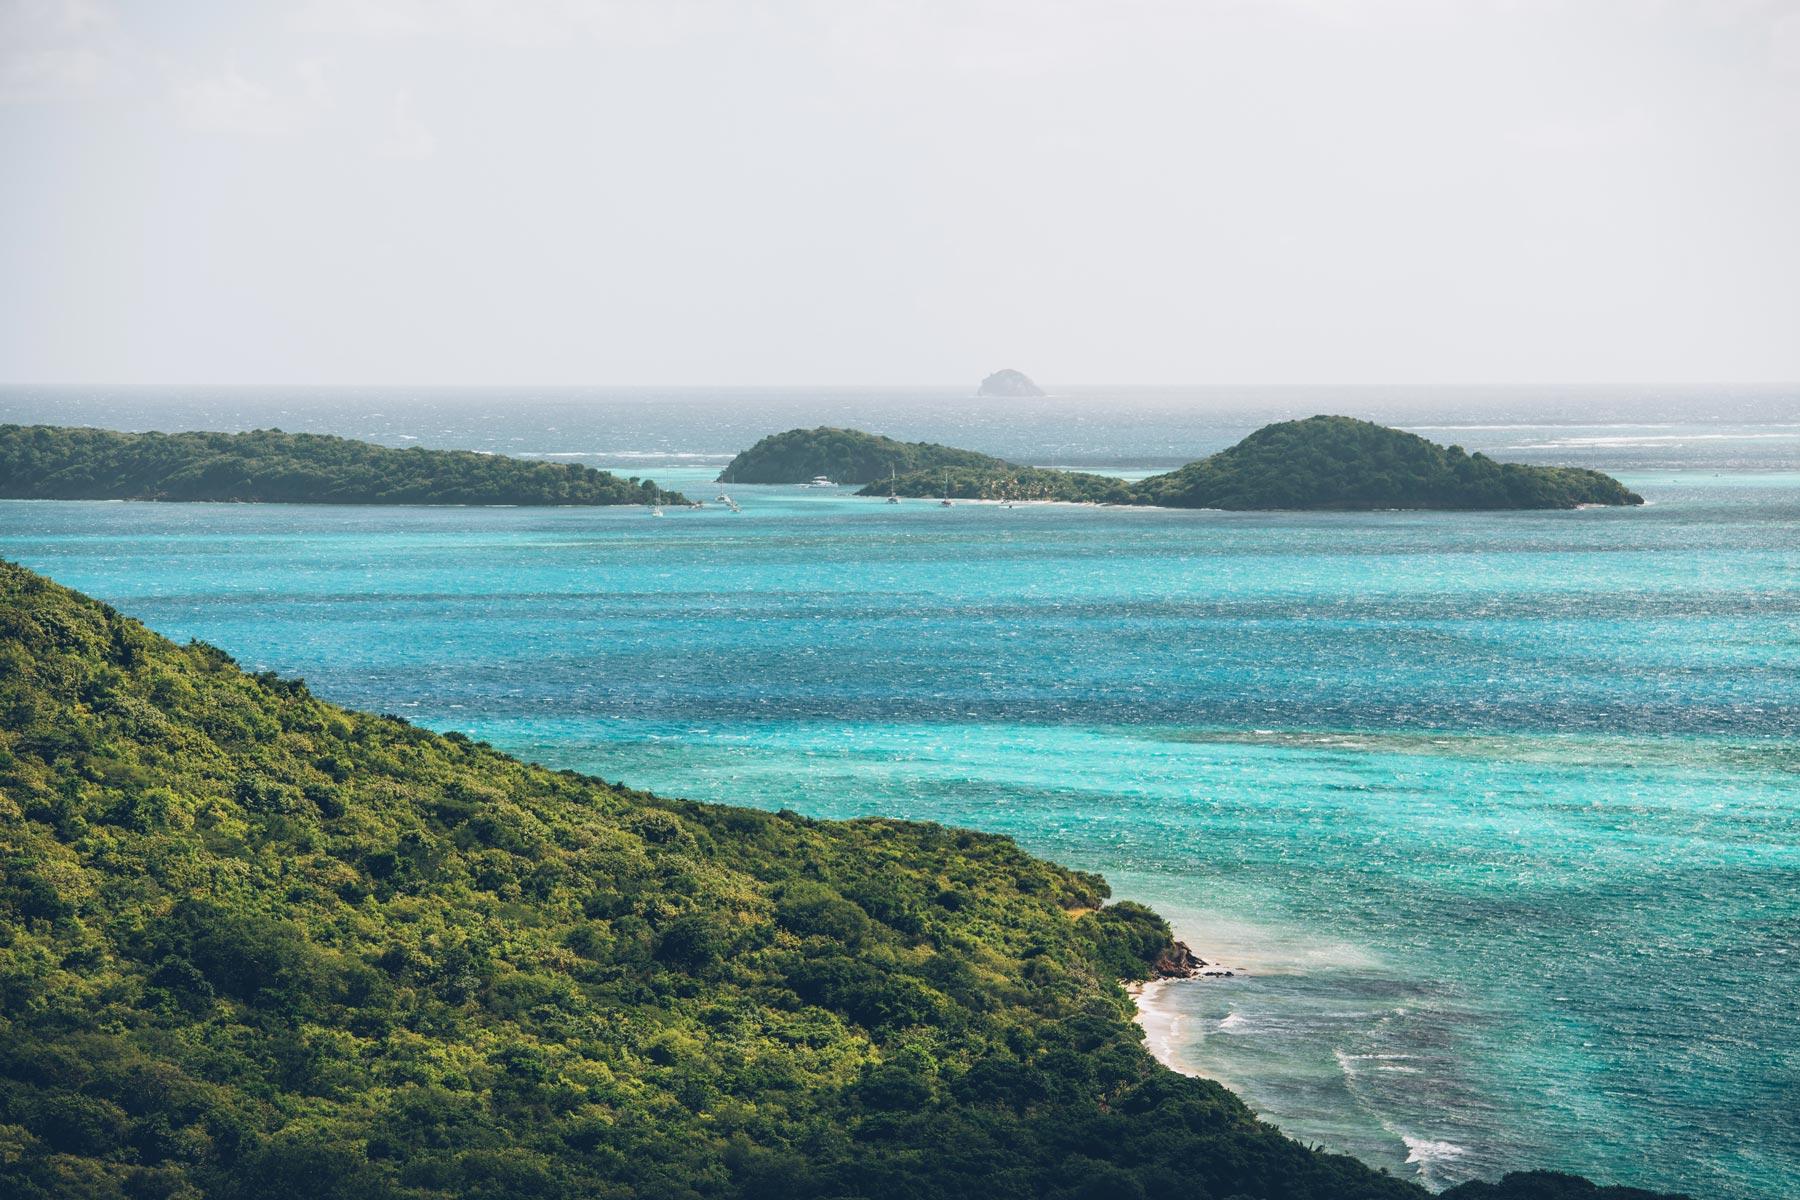 Vue sur les Tobago Cays depuis Mayreau Island